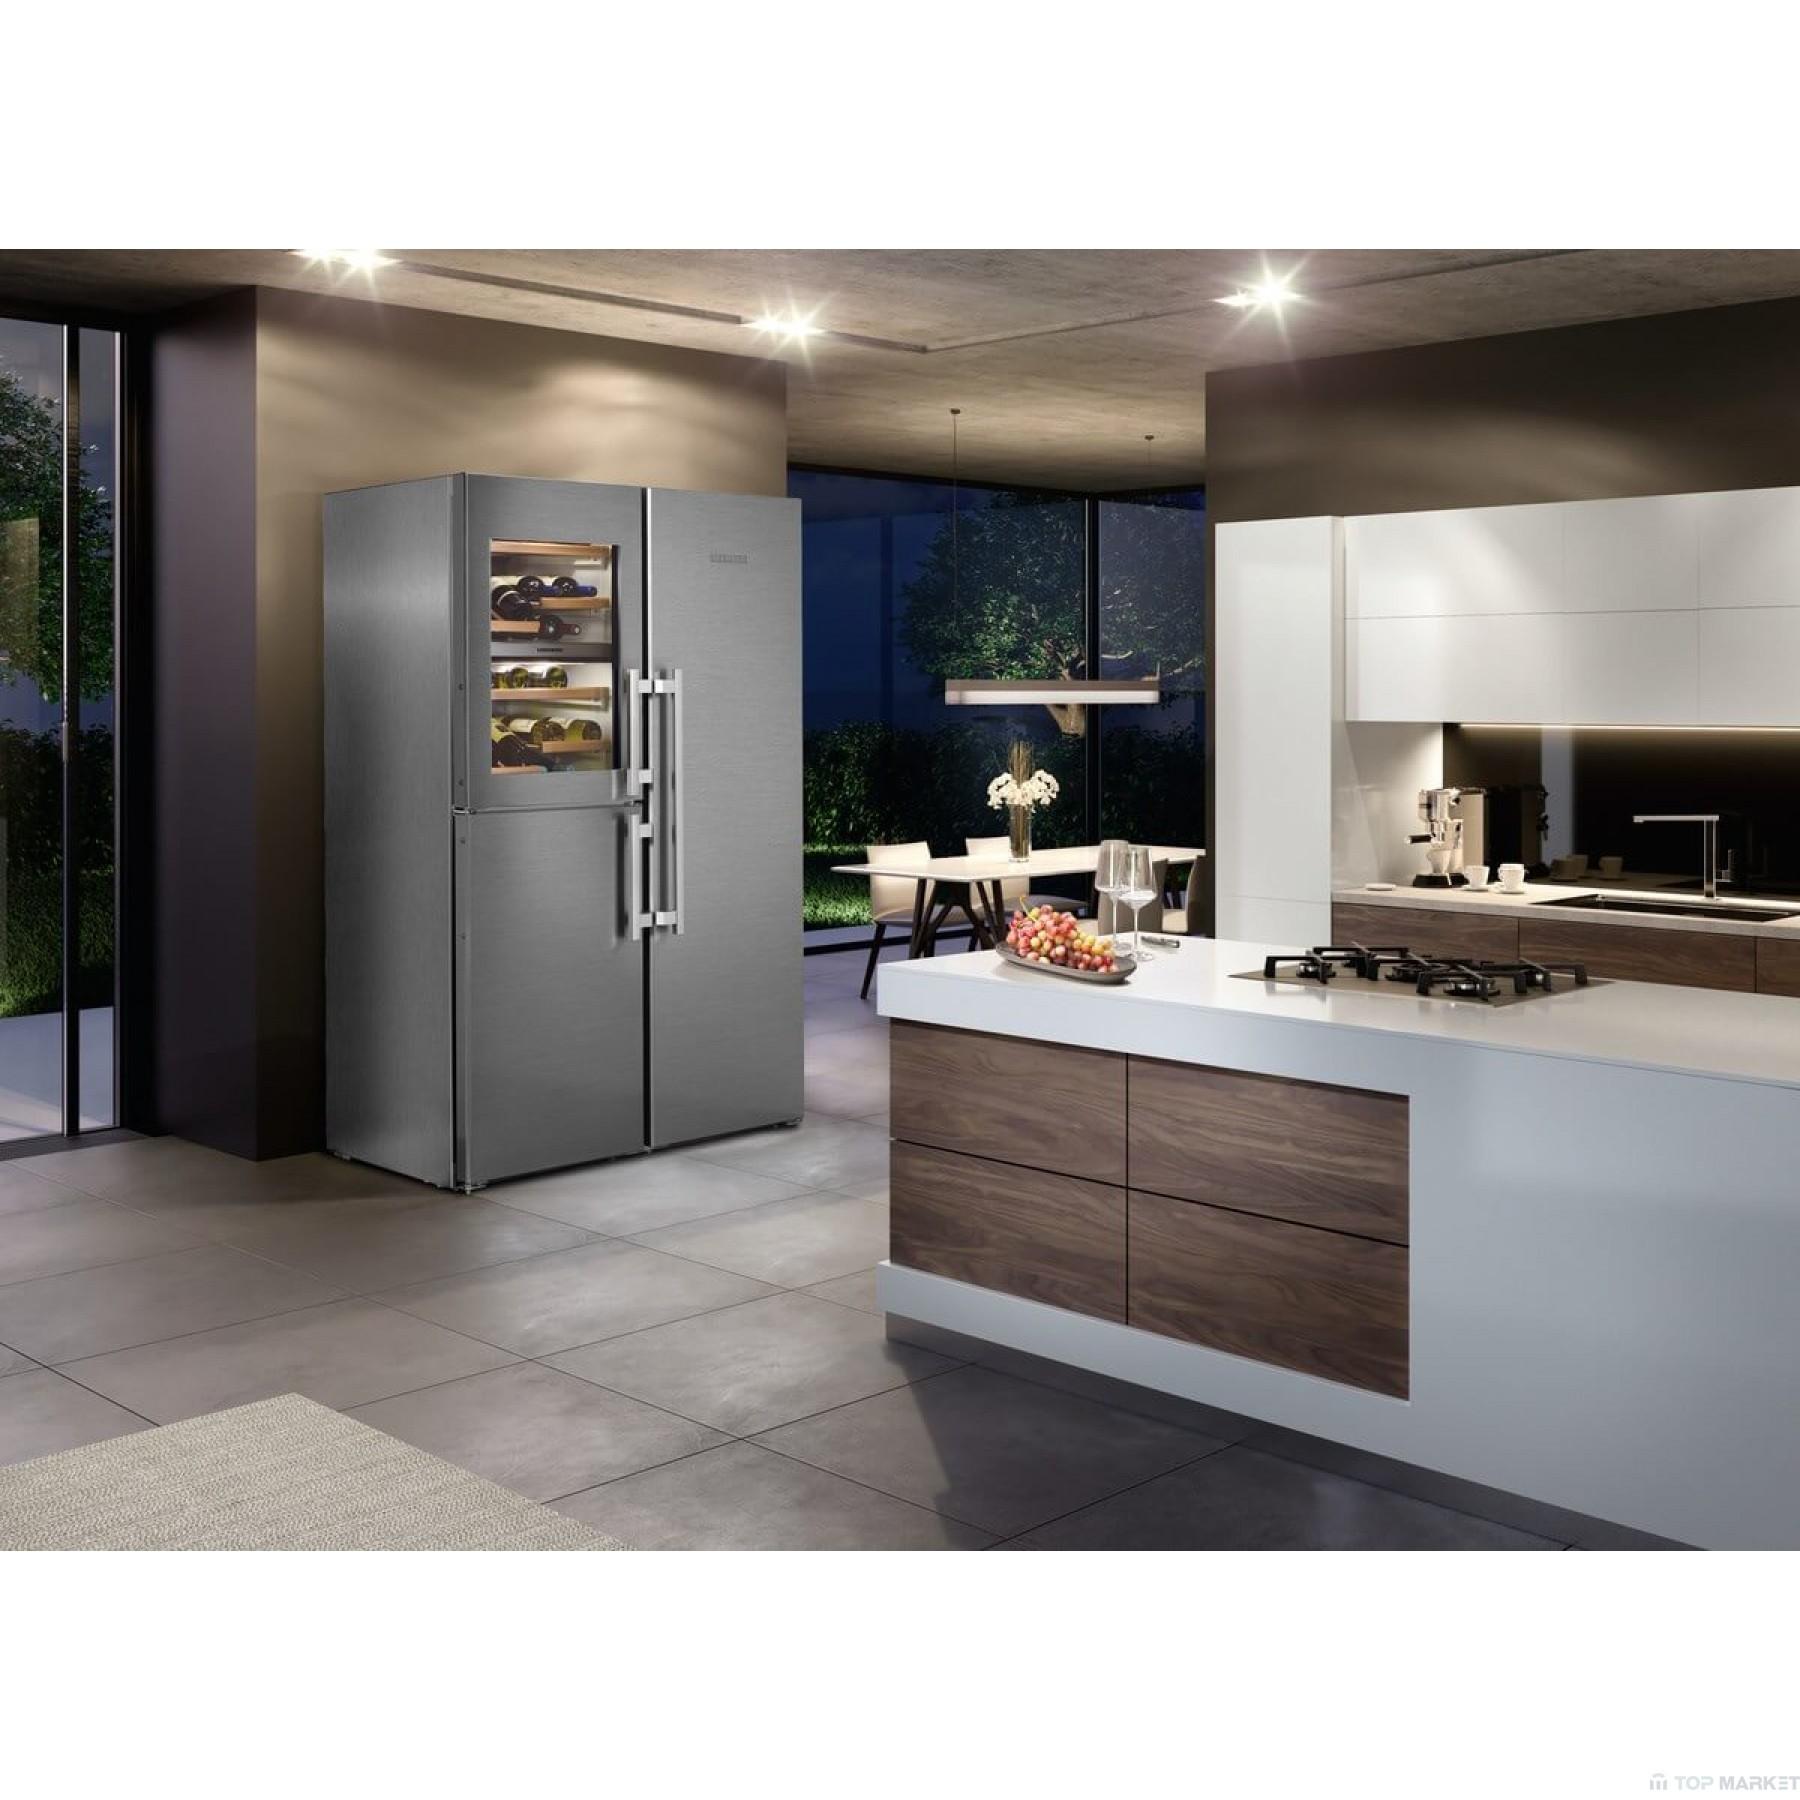 Хладилник SIDE BY SIDE LIEBHERR SBSes 8486 PremiumPlus